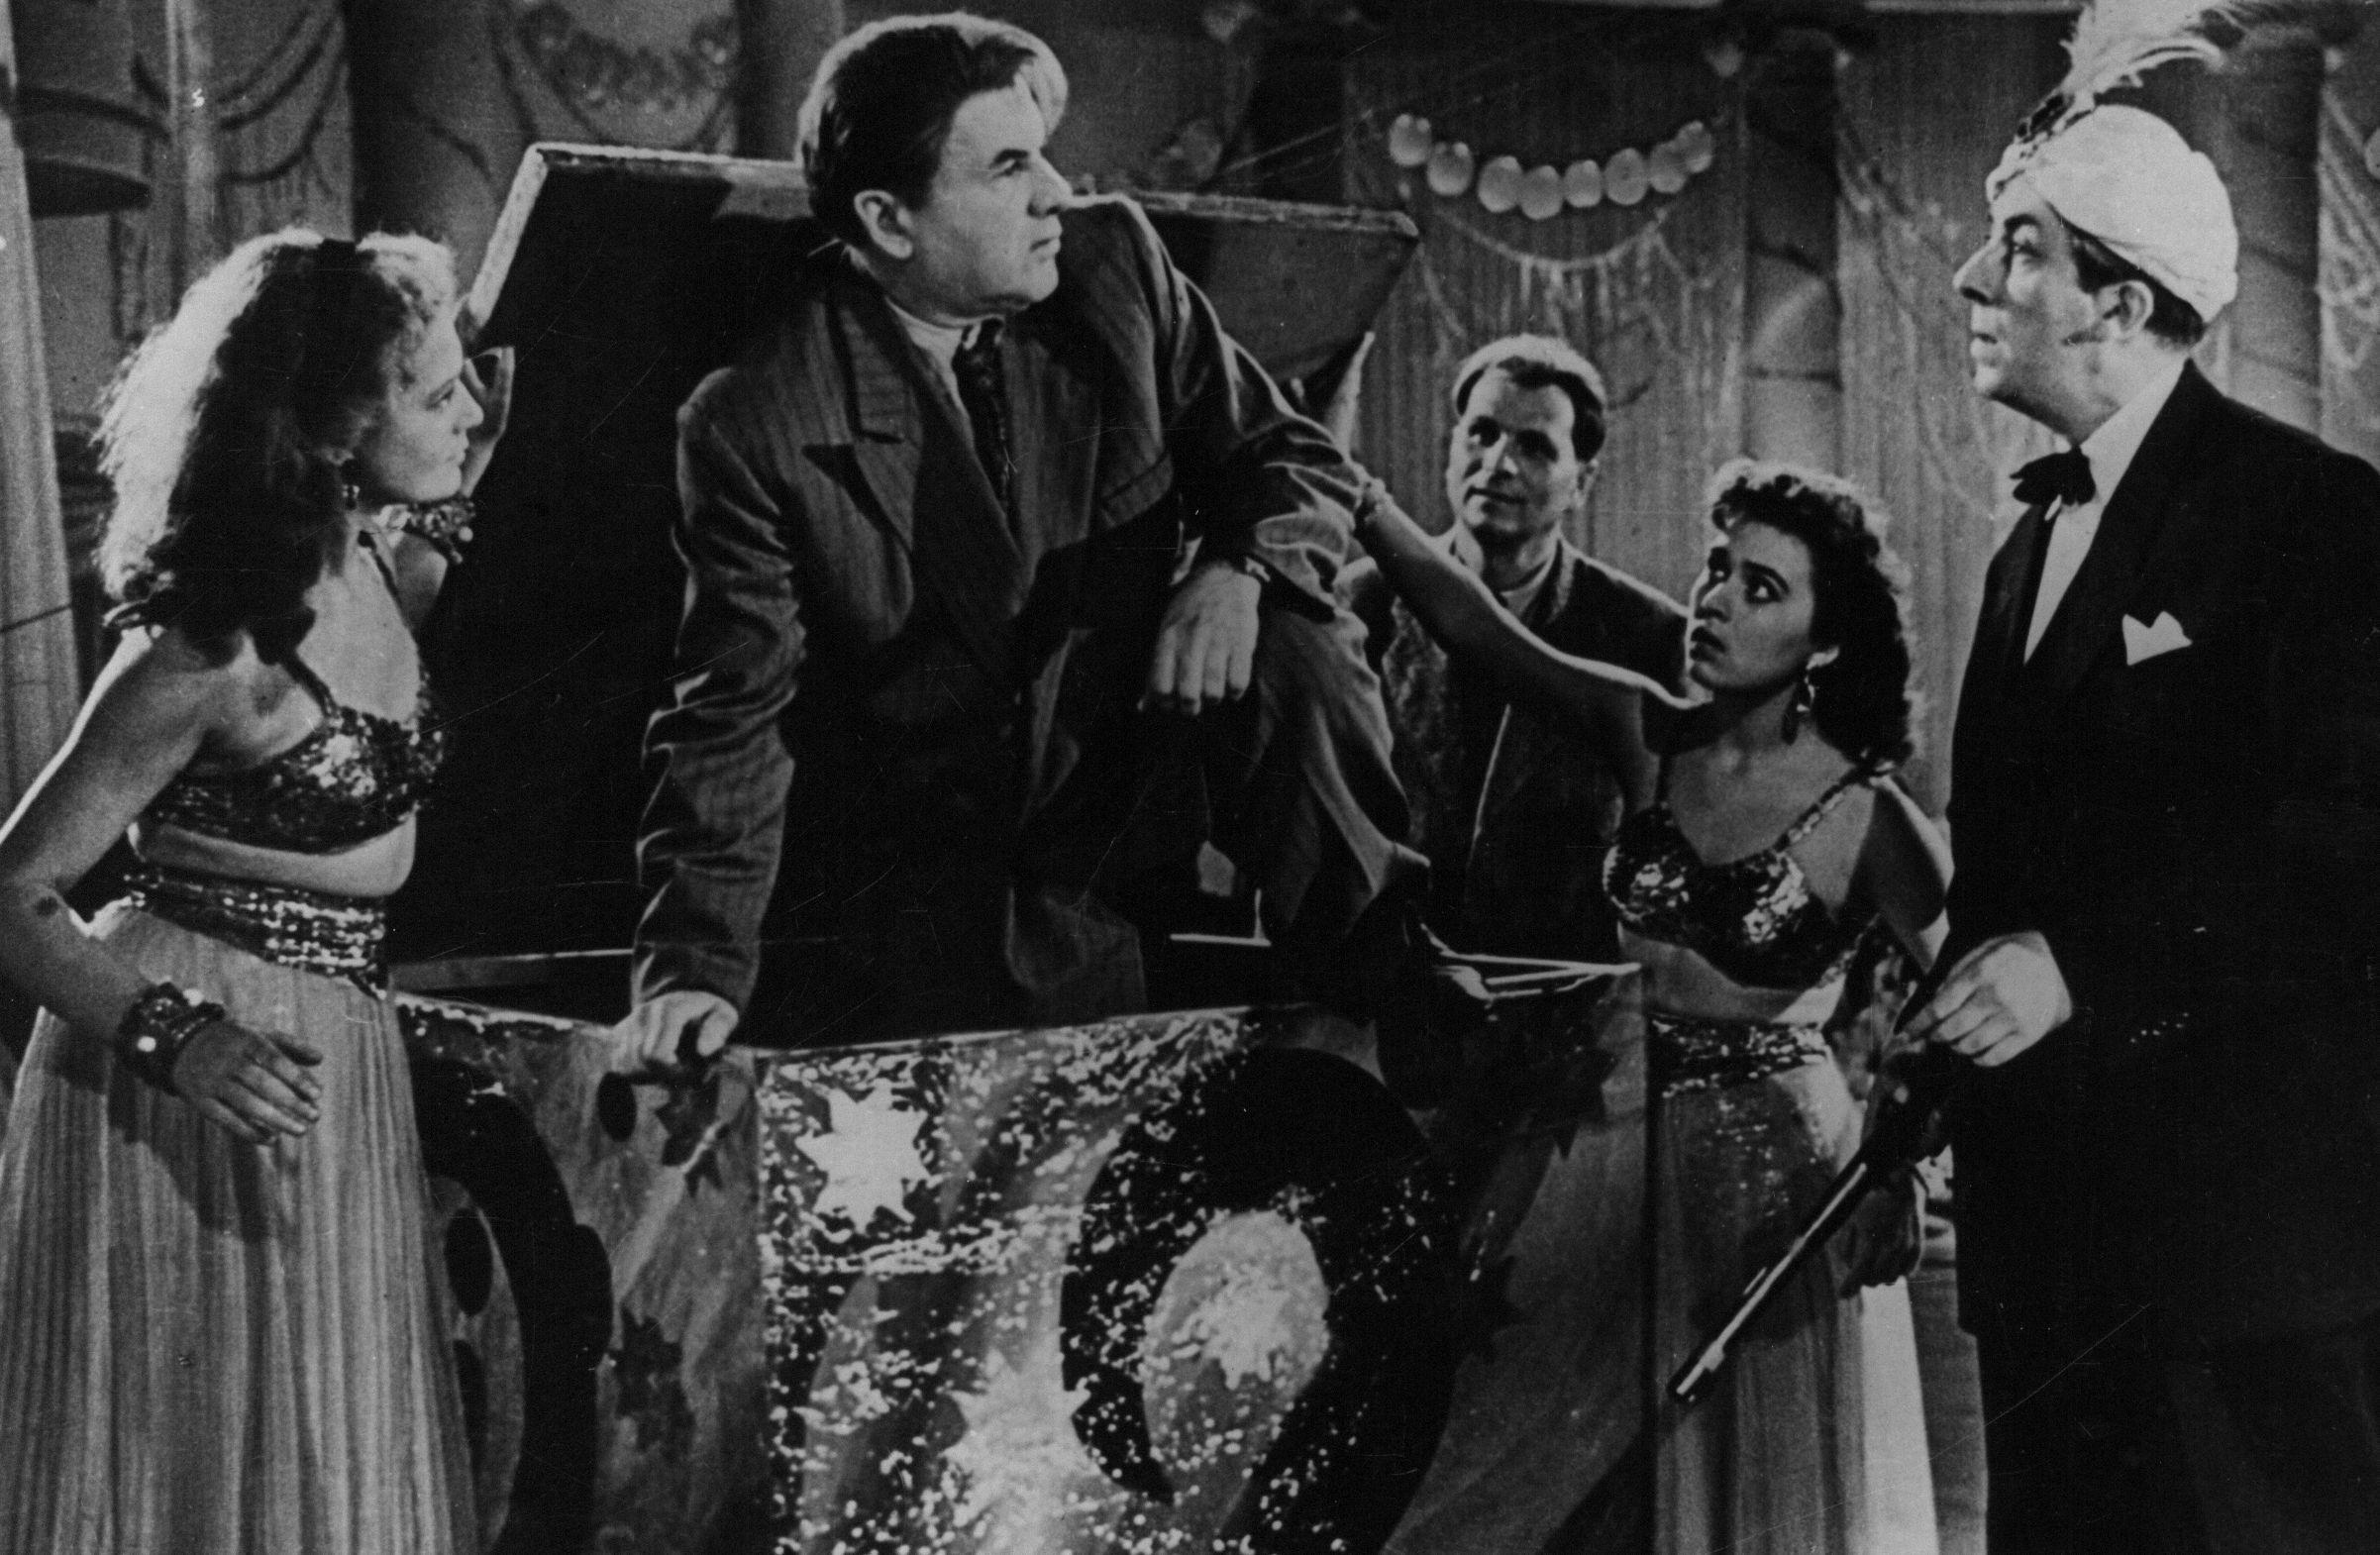 Karnaval'naja noč' (Carnival Night, Ėl'dar Rjazanov, 1956)